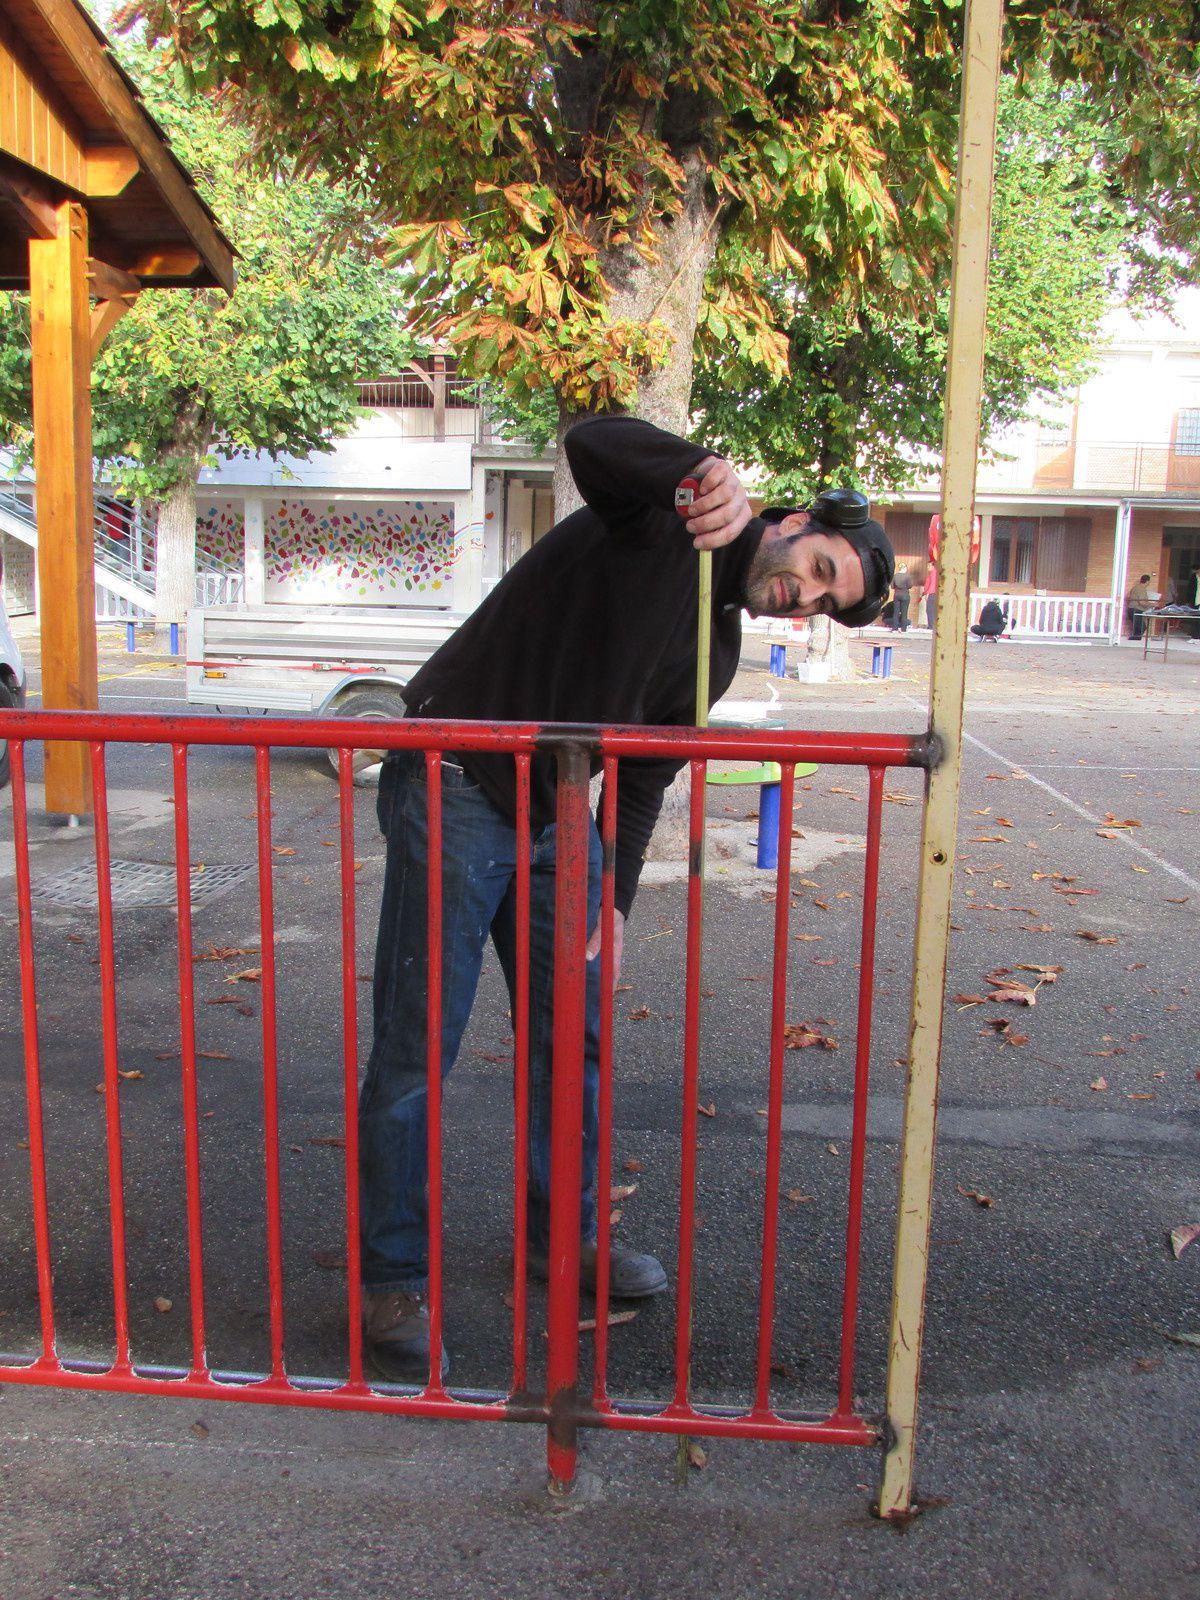 Peinture des barrières en bois et réparation de la barrière d'entrée